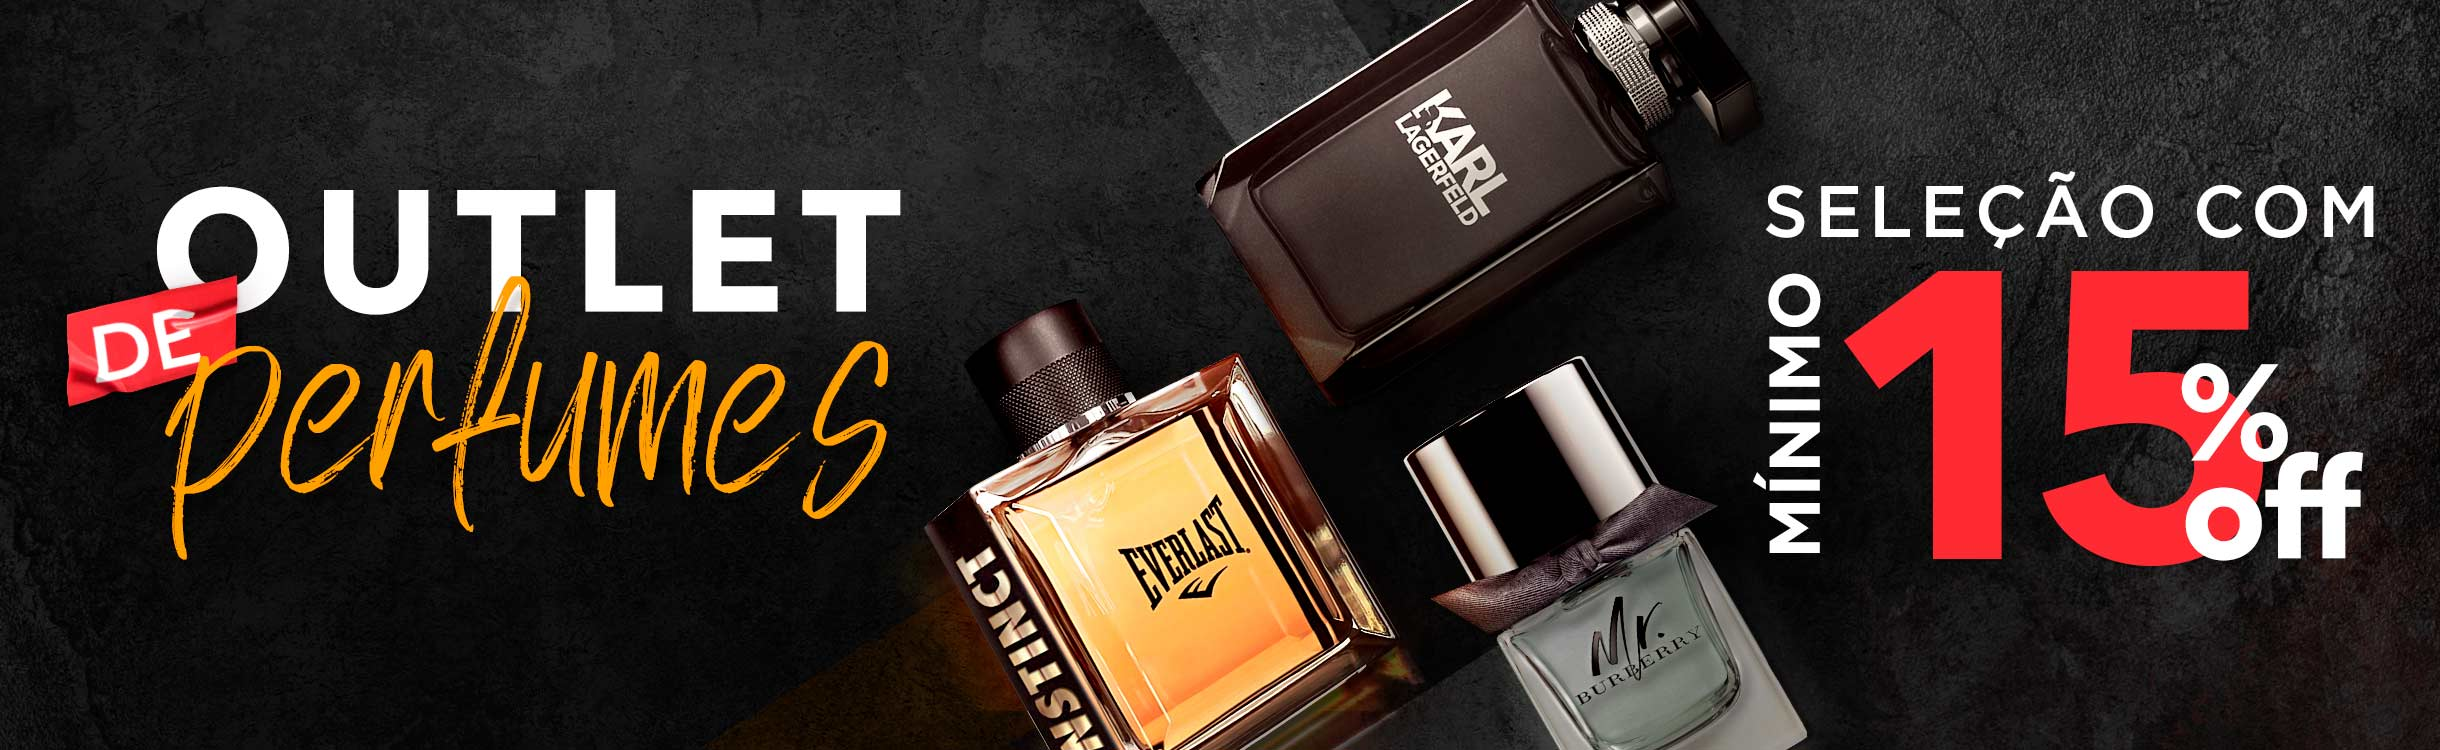 Seleção de perfumes masculinos mínimo 15% off